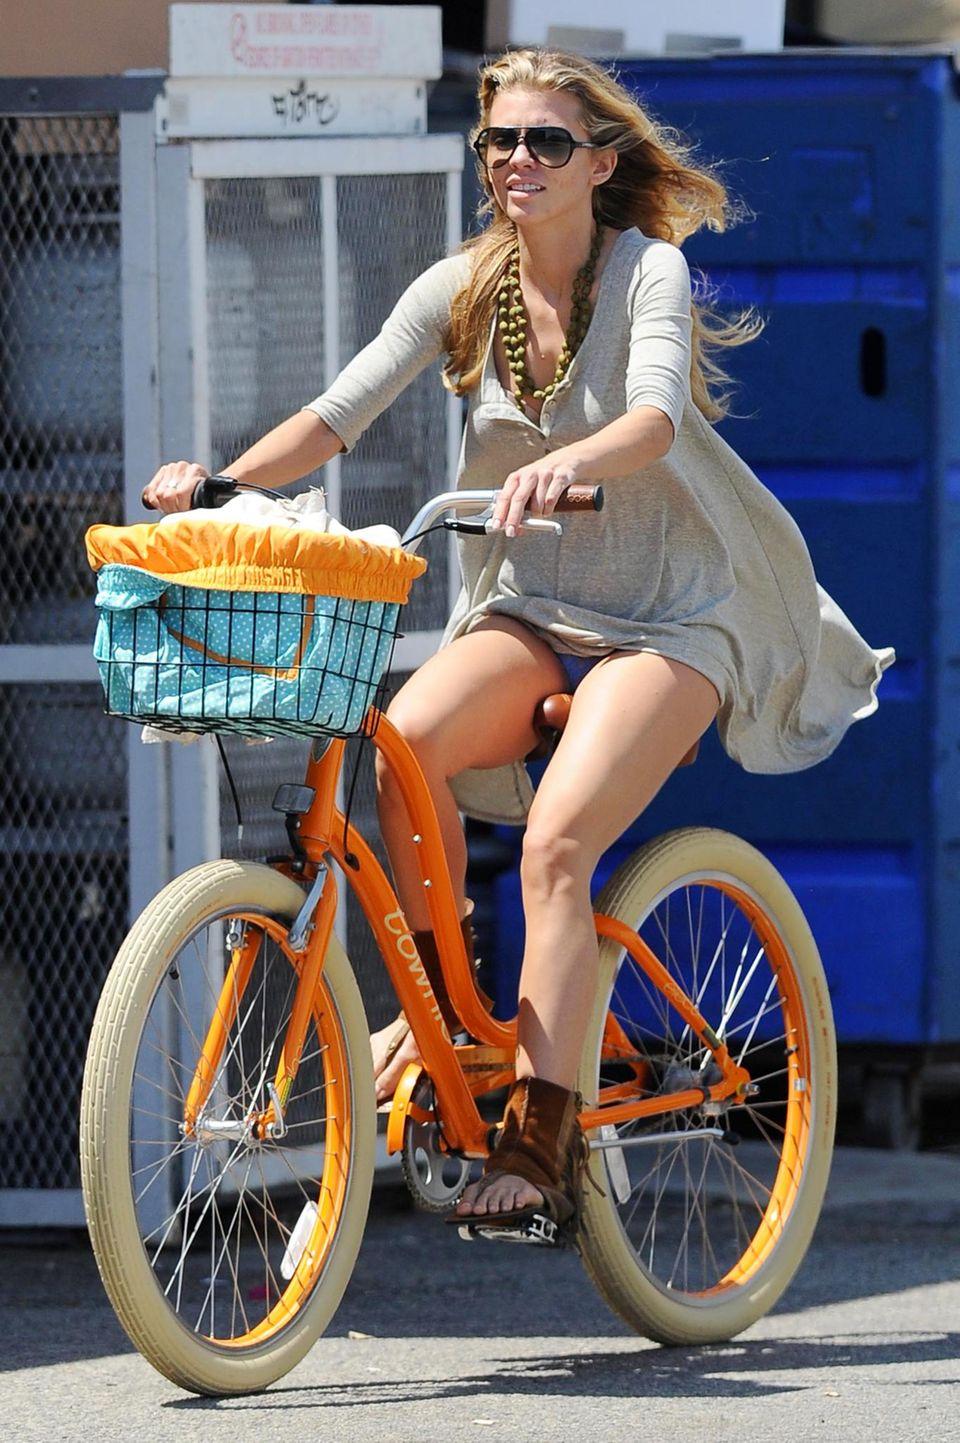 Bei AnnaLynne McCord wird das bunte Fahrrad zum modischen Accessoire.